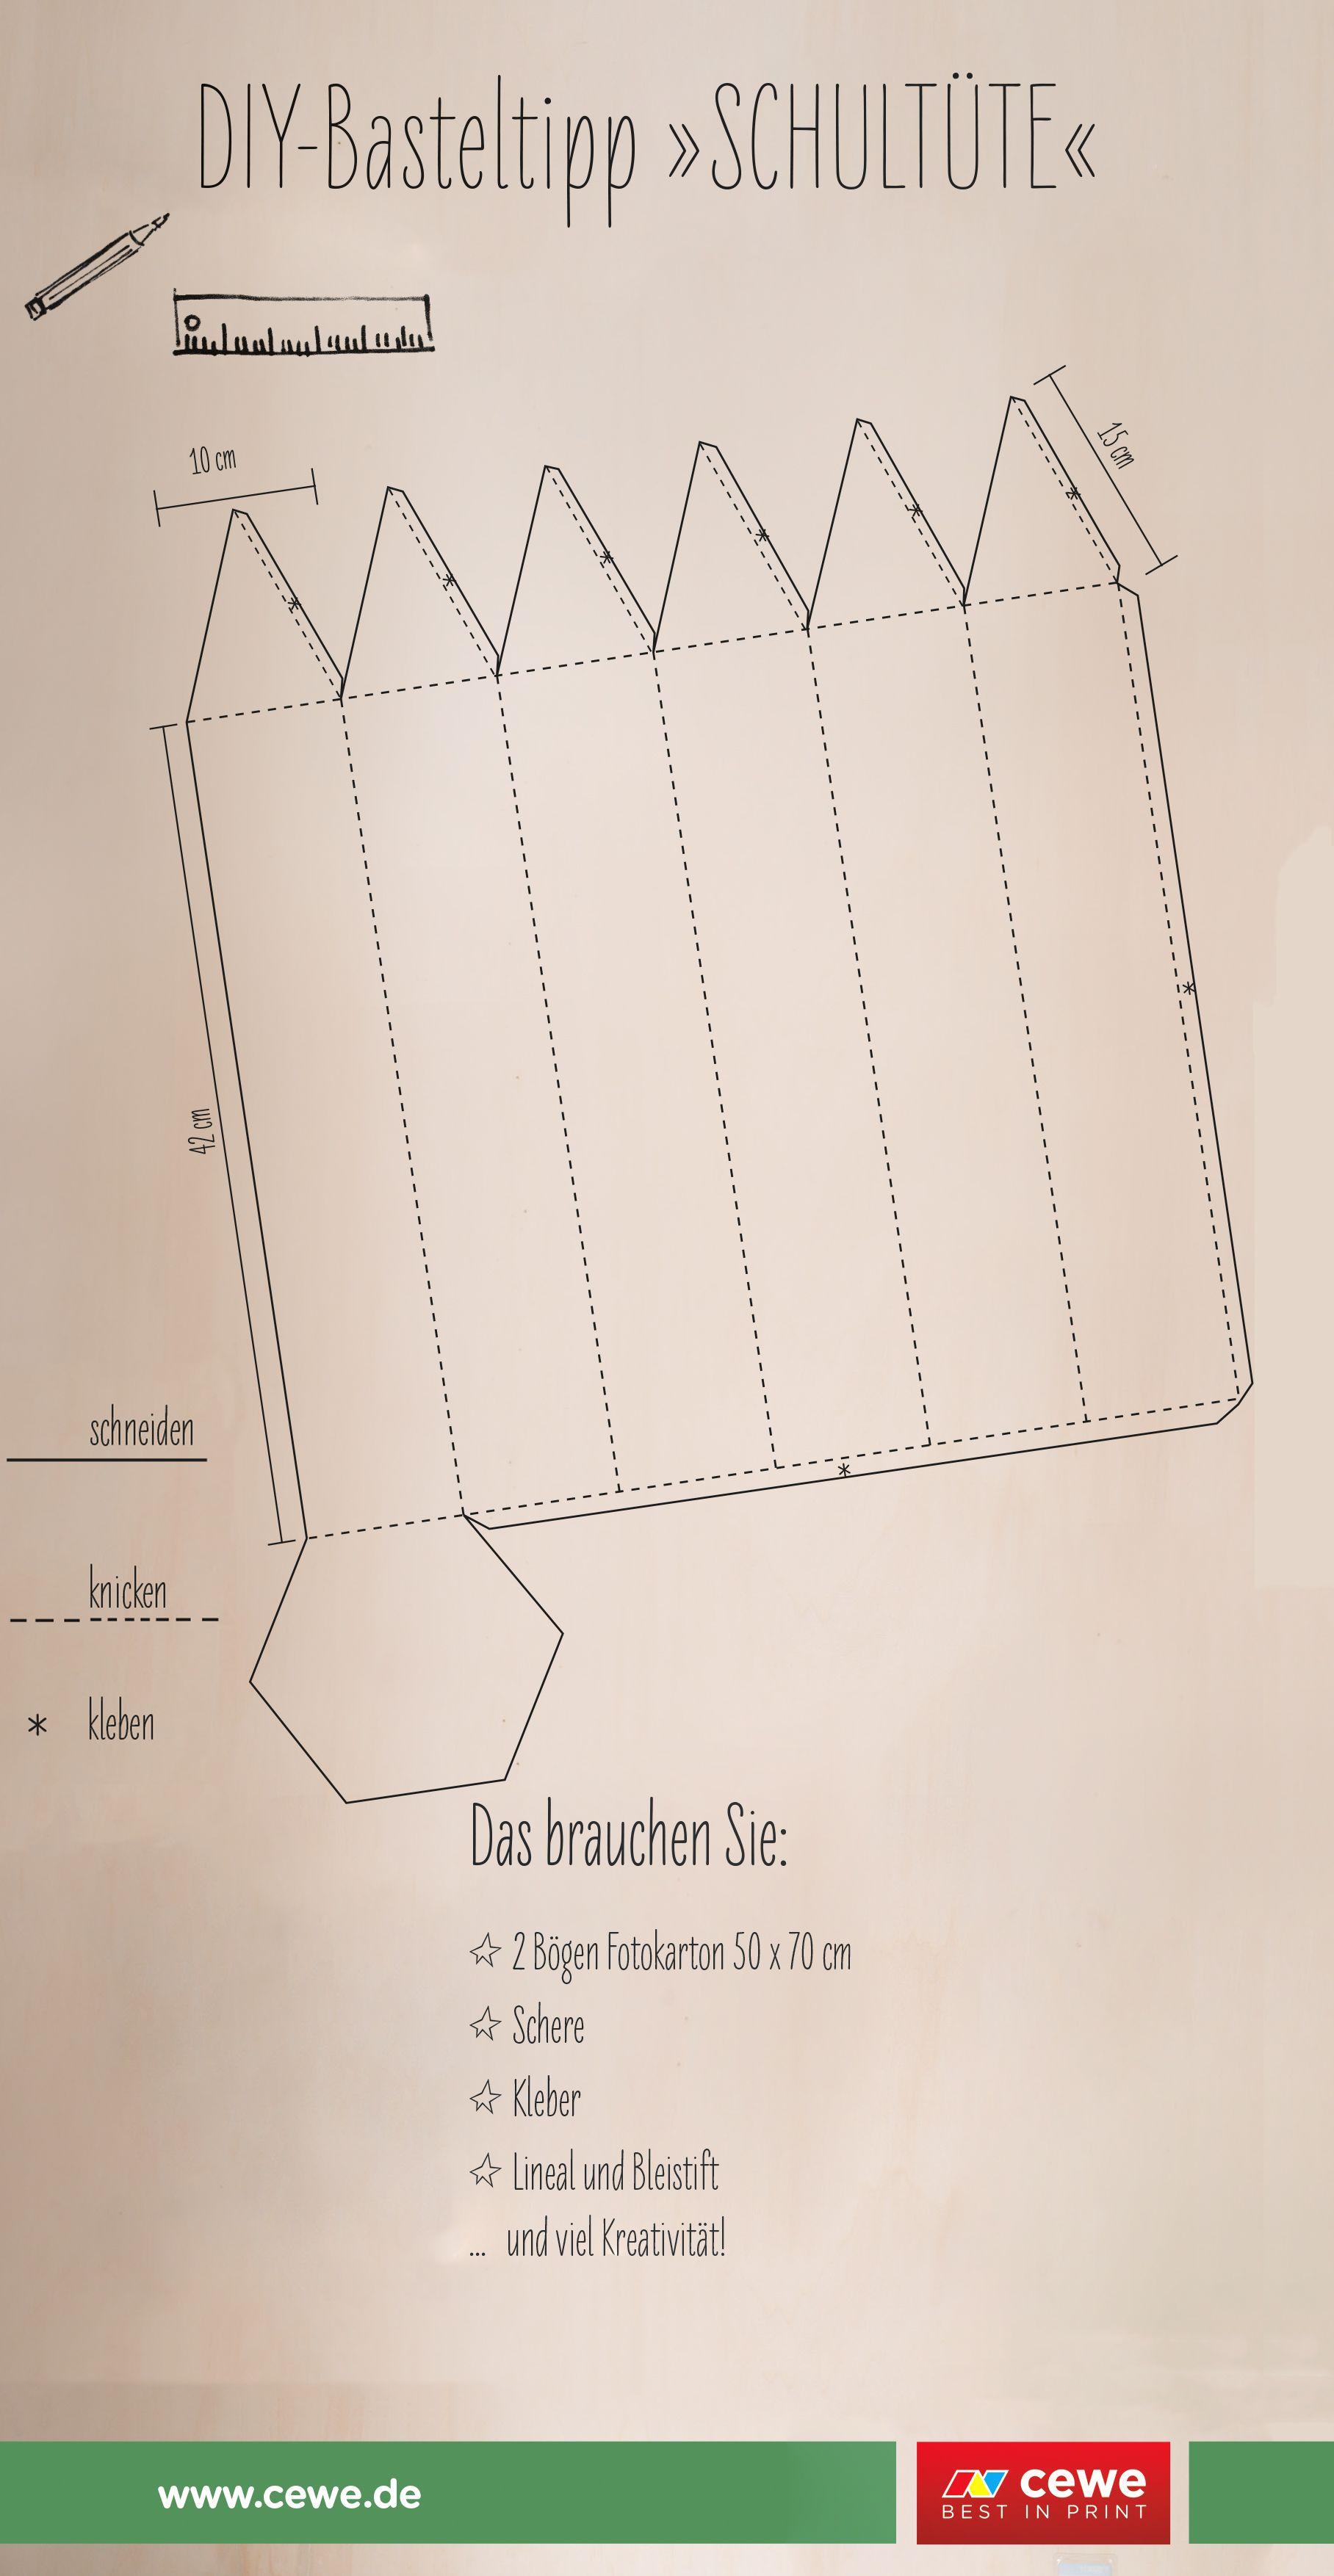 eine tolle anleitung um eine bleistift schult te selbst zu. Black Bedroom Furniture Sets. Home Design Ideas